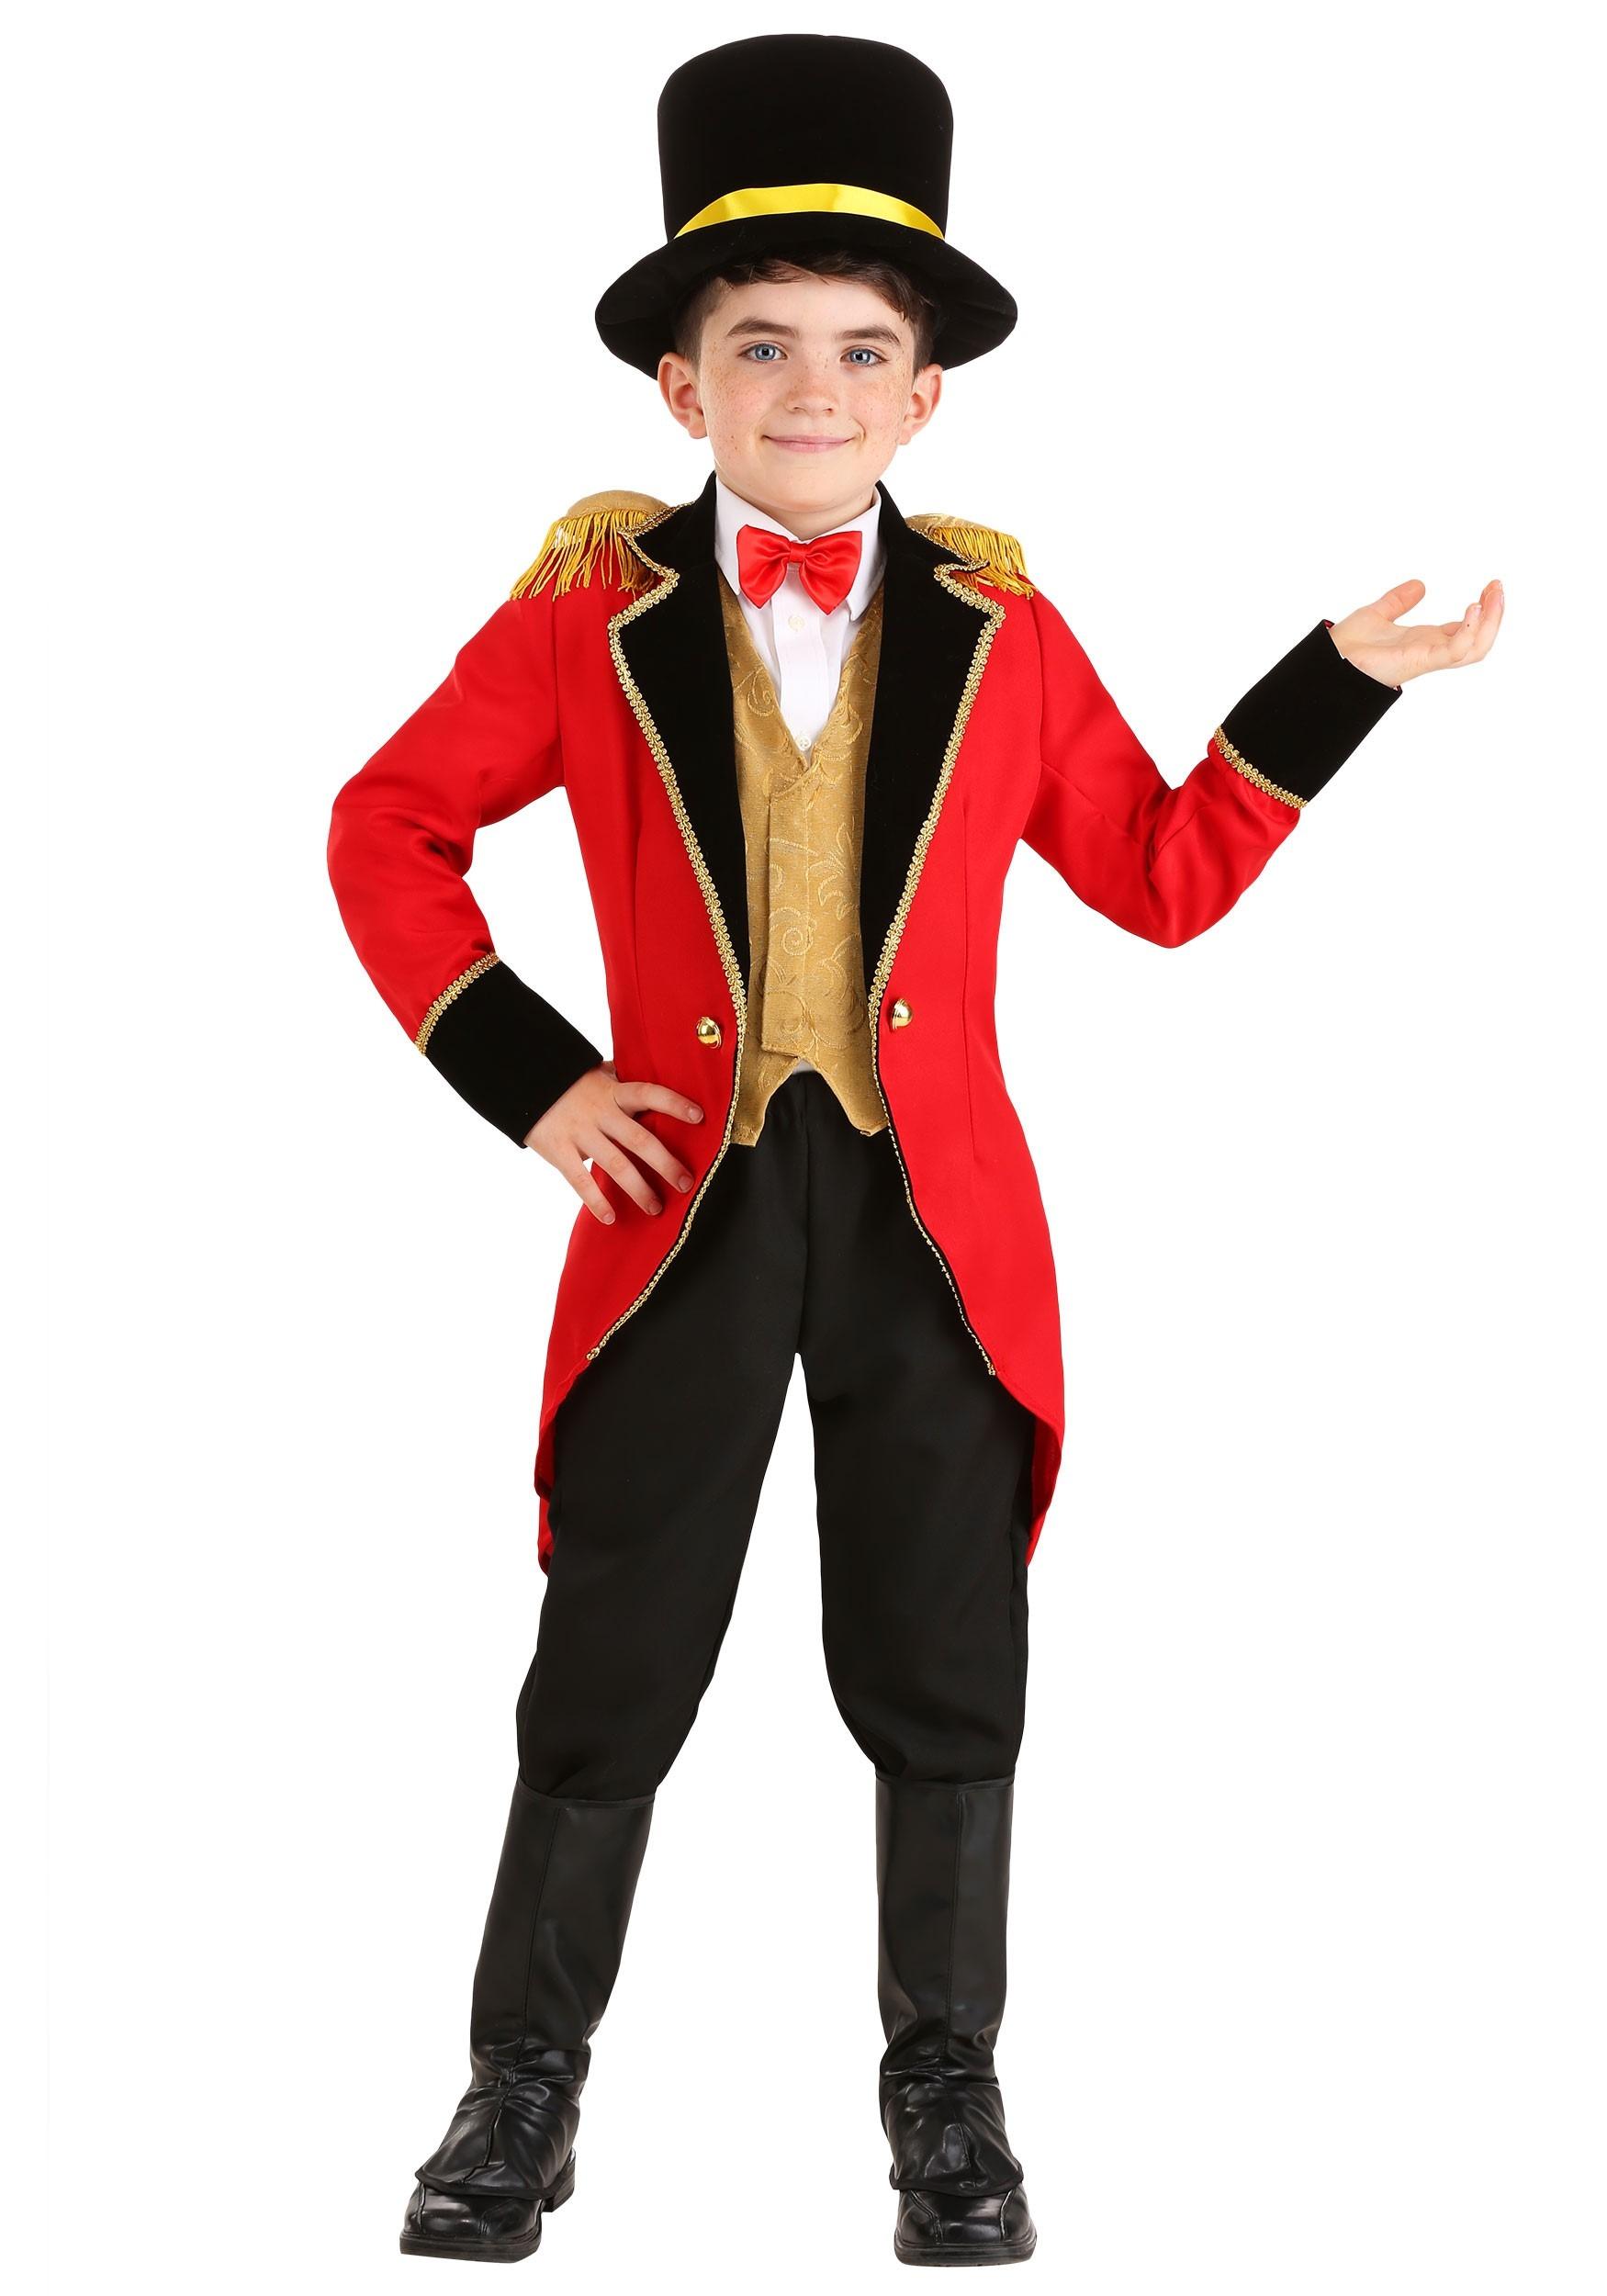 Ringmaster Costume for Kids